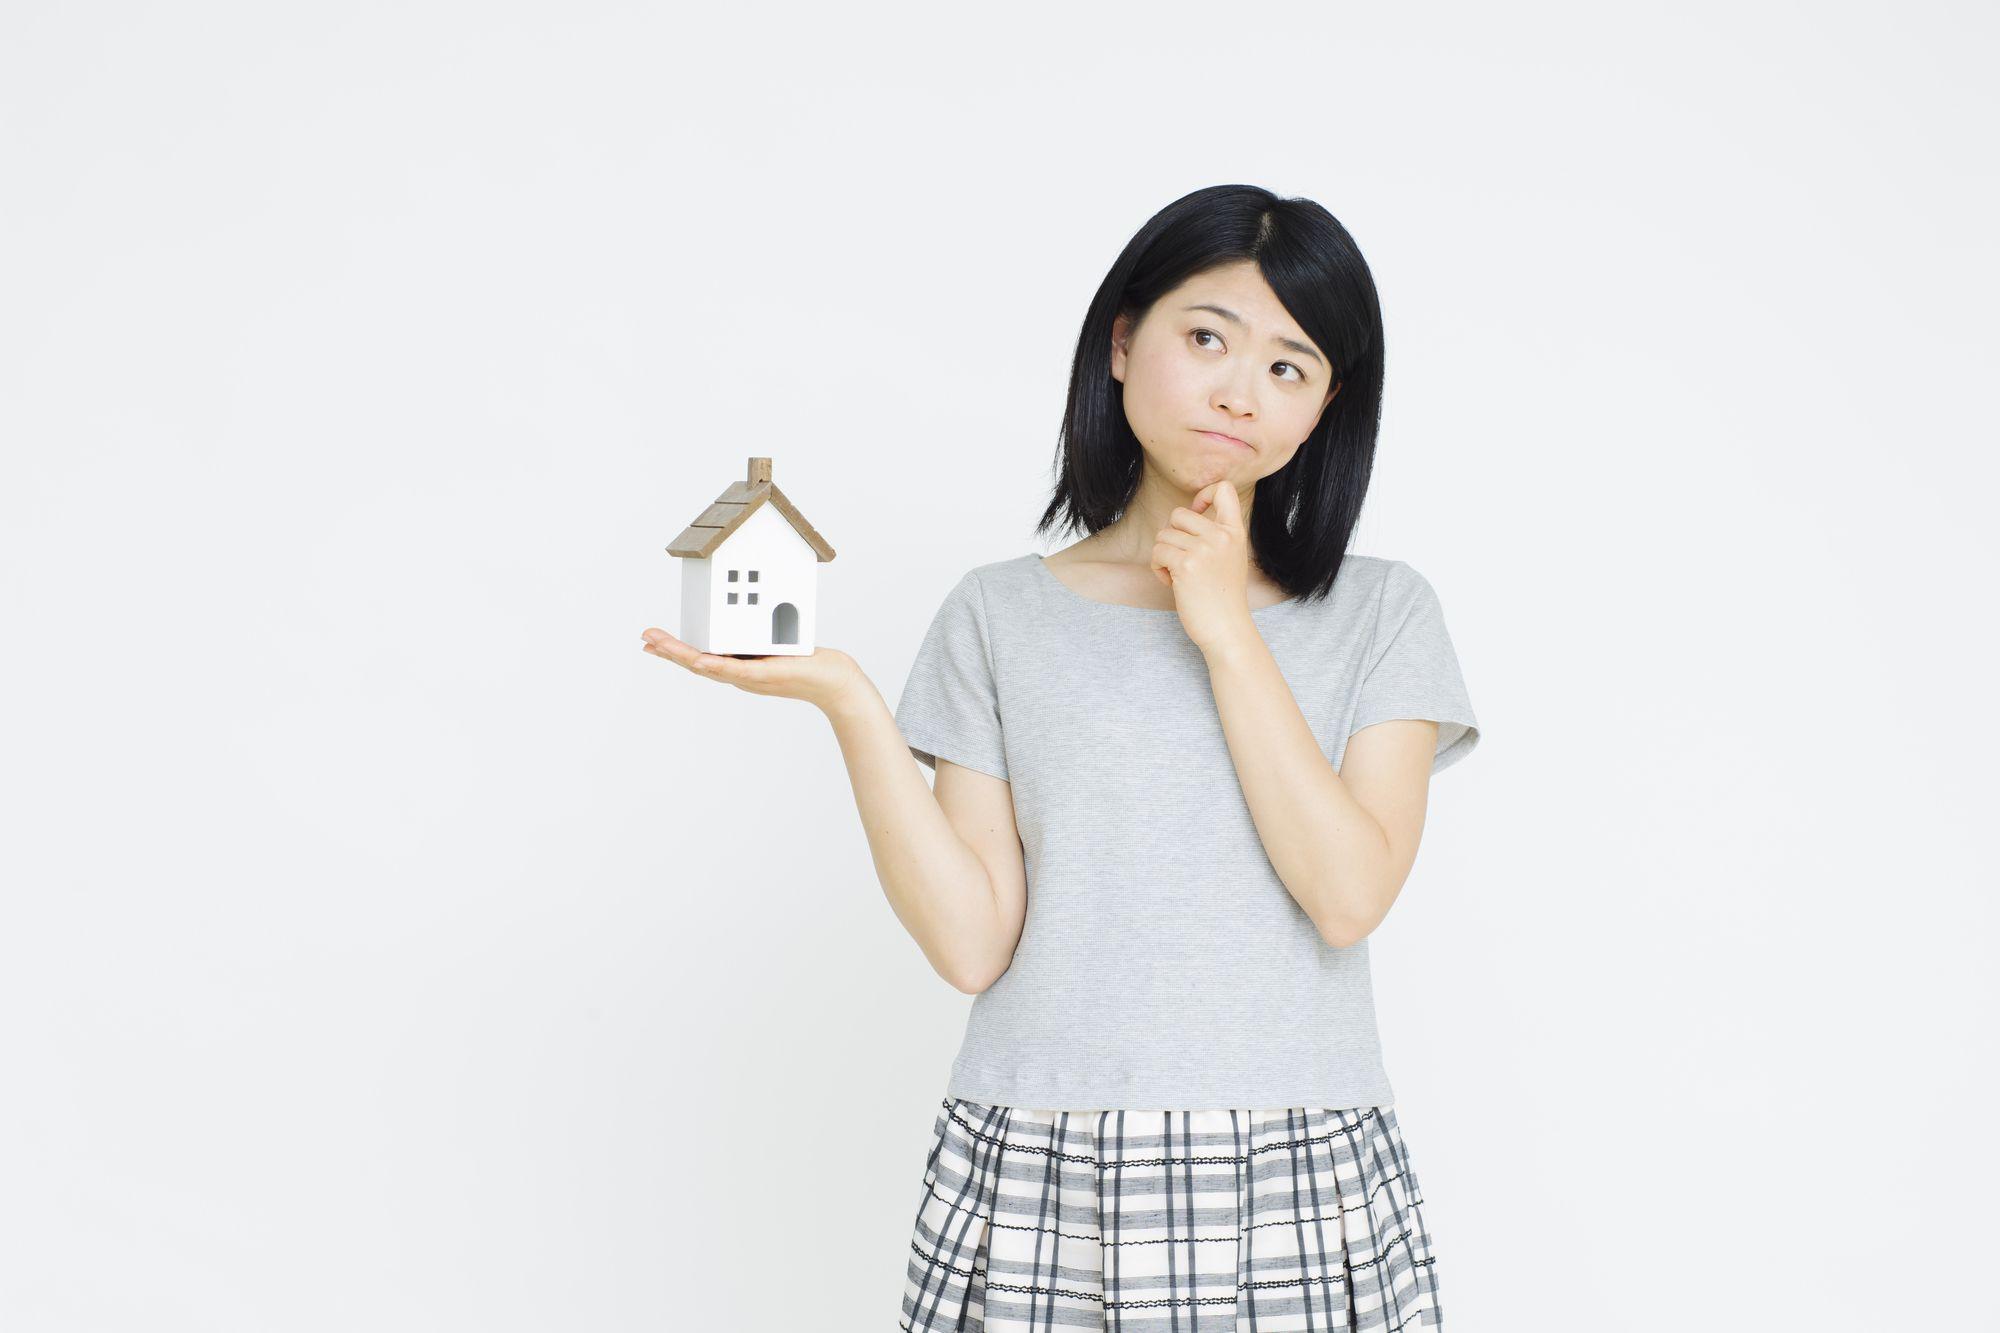 分譲住宅と賃貸どっちがいい?それぞれのメリット・デメリット